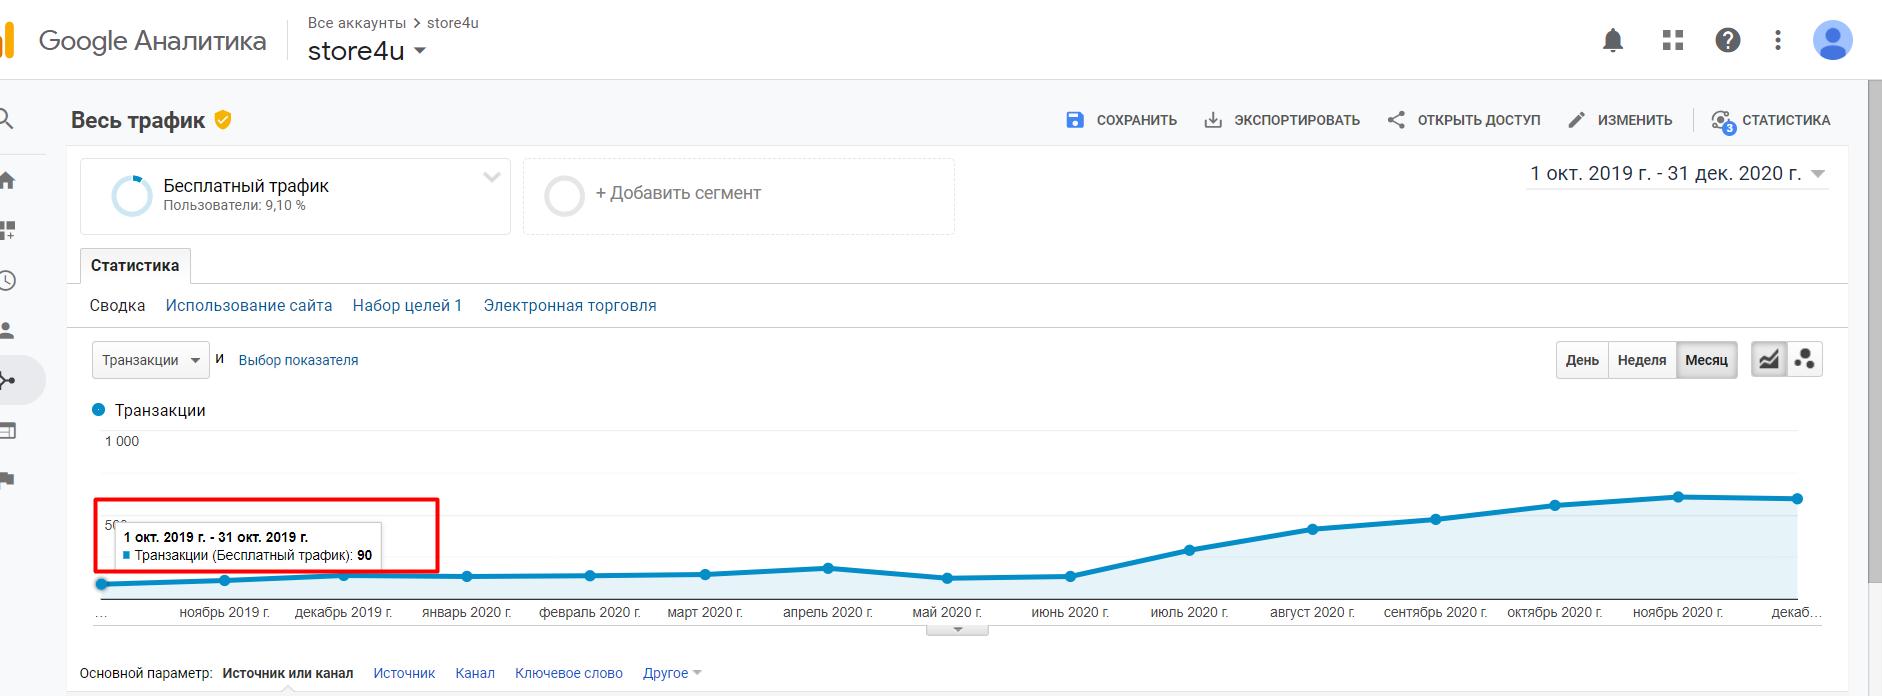 Кількість продажів до початку й після призупинення послуги SEO